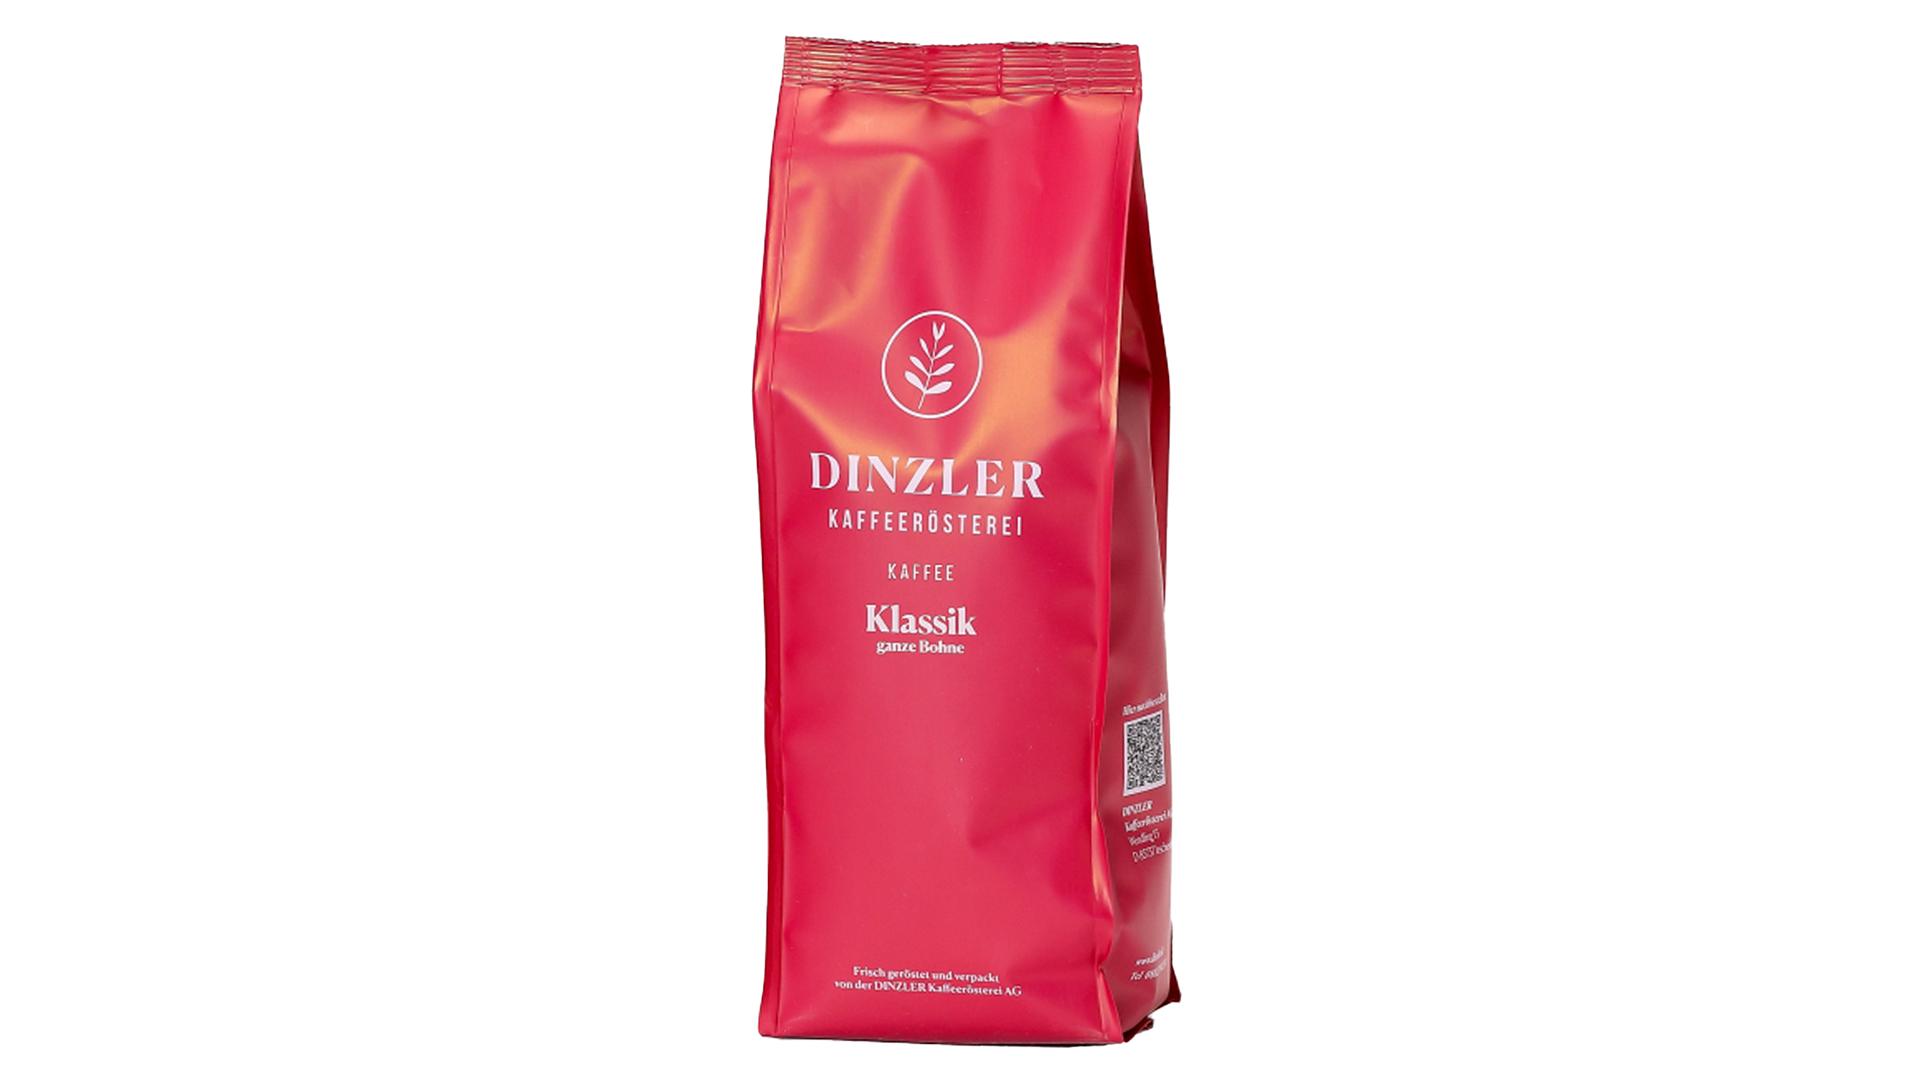 DINZLER Kaffee Klassik (ganze Bohnen) - 1.000 g Beutel